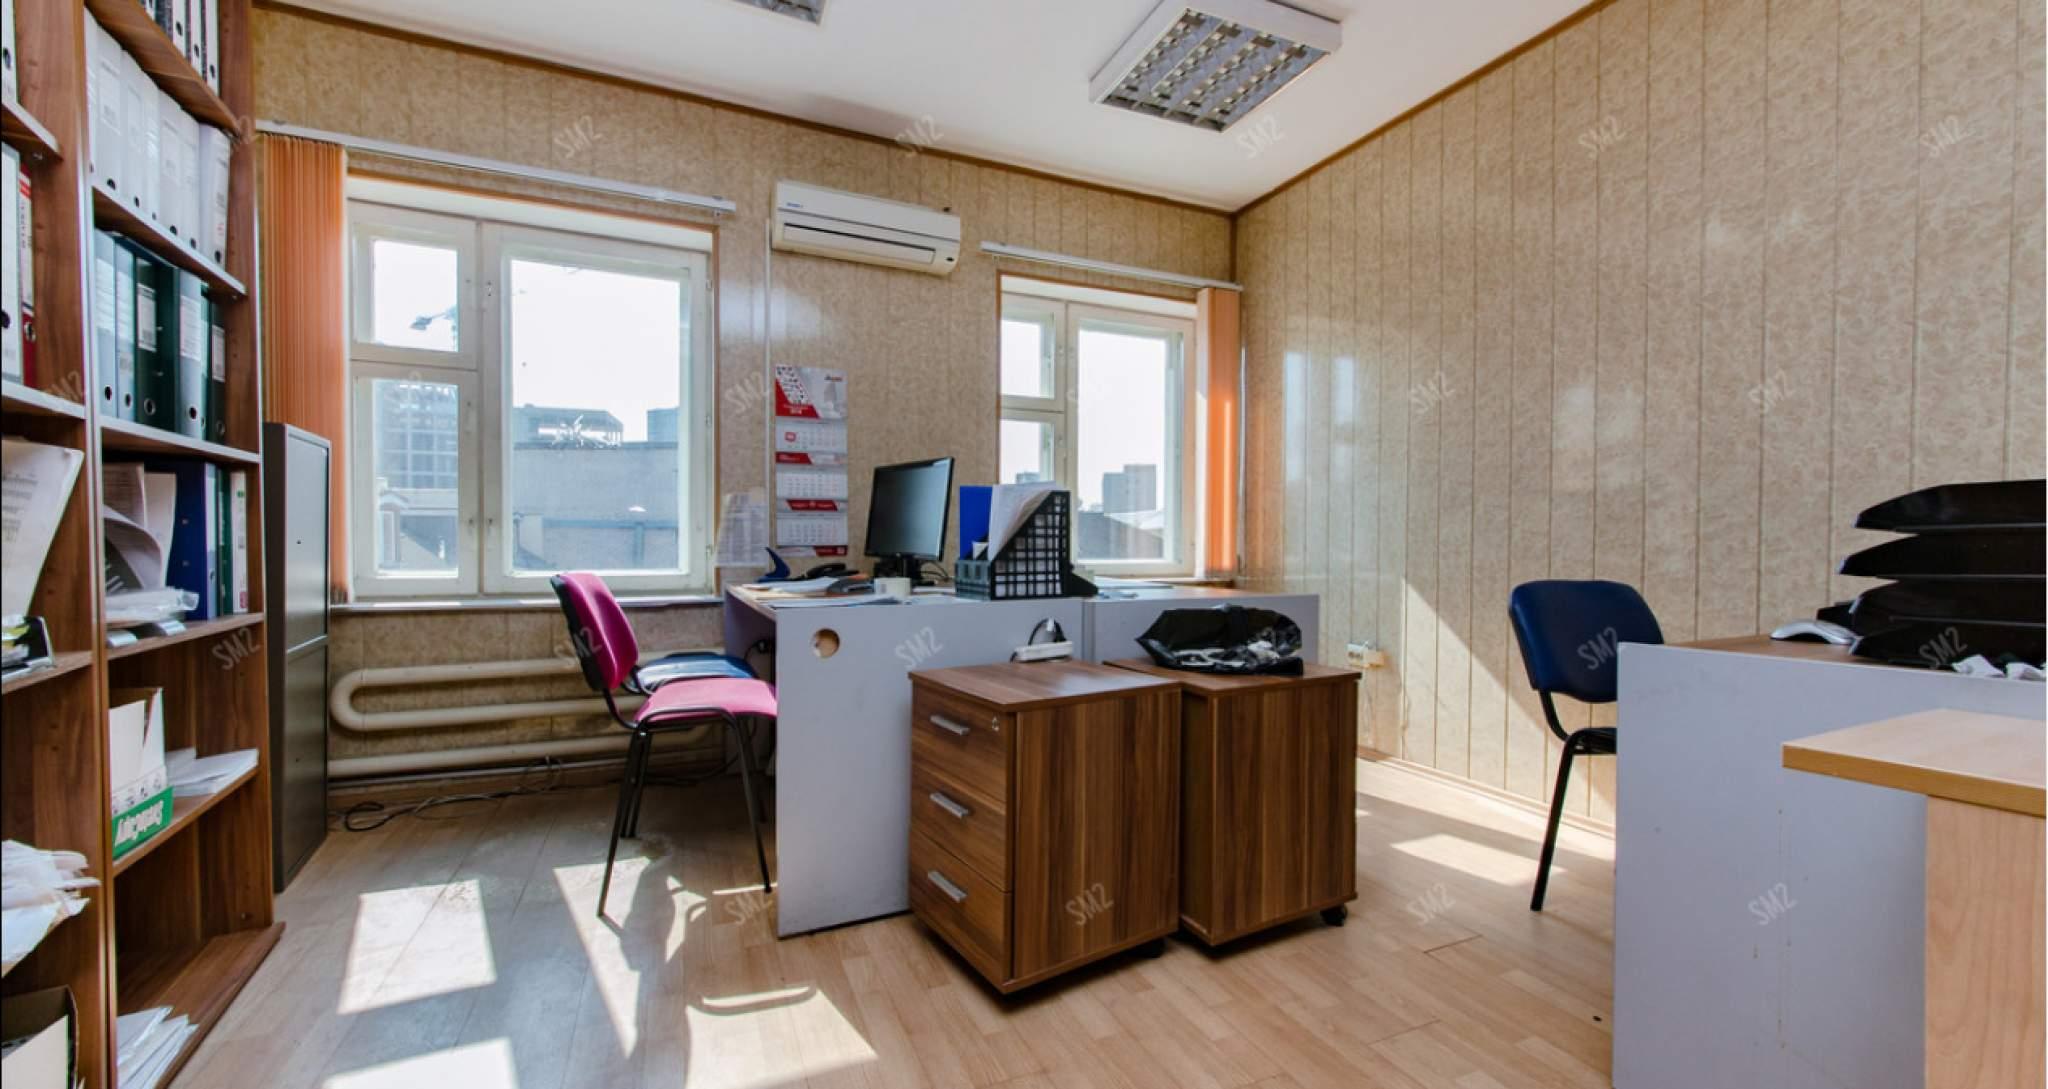 Офис в аренду площадью 733 м2, на 1 этаже